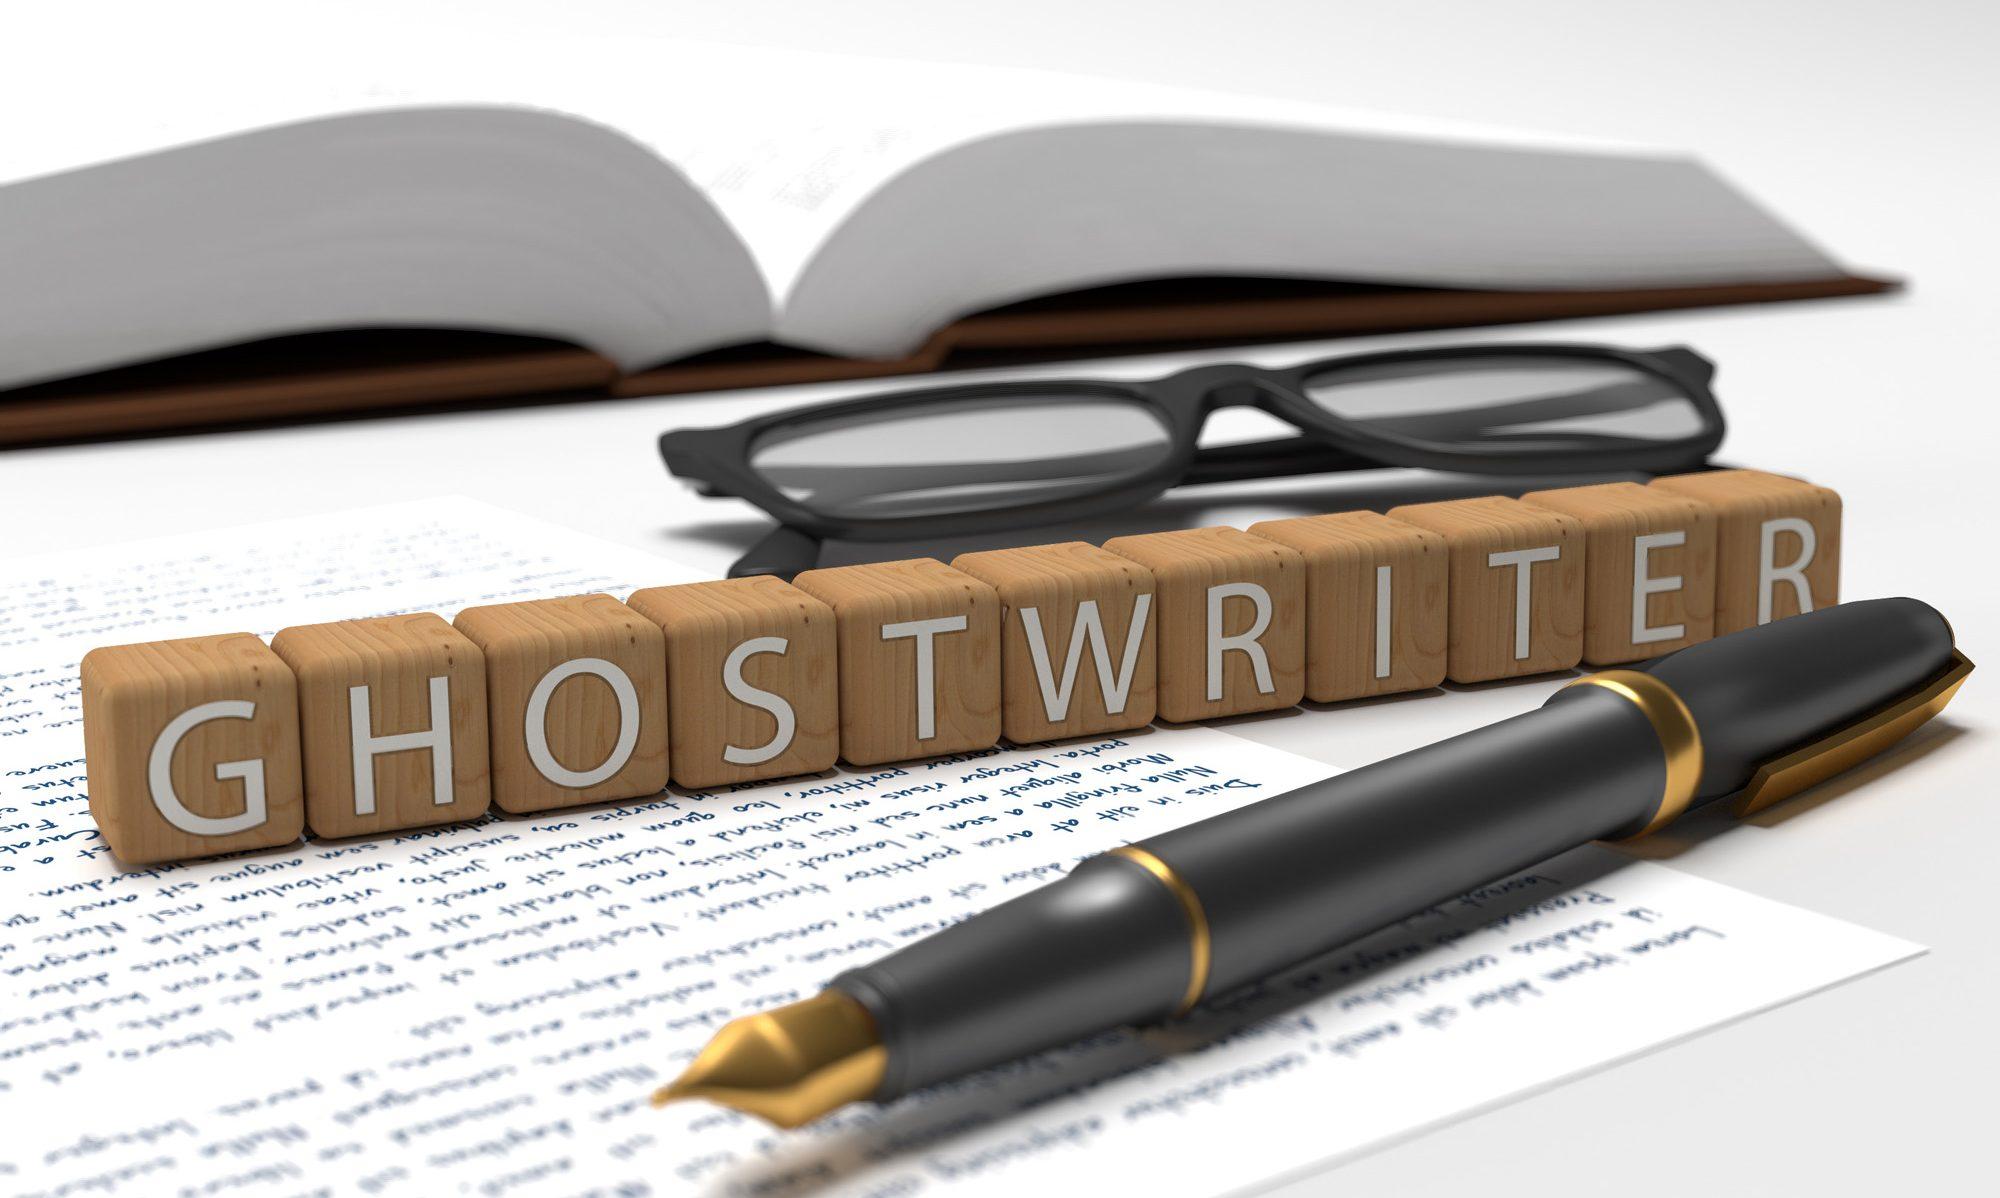 Ghostwriter fees